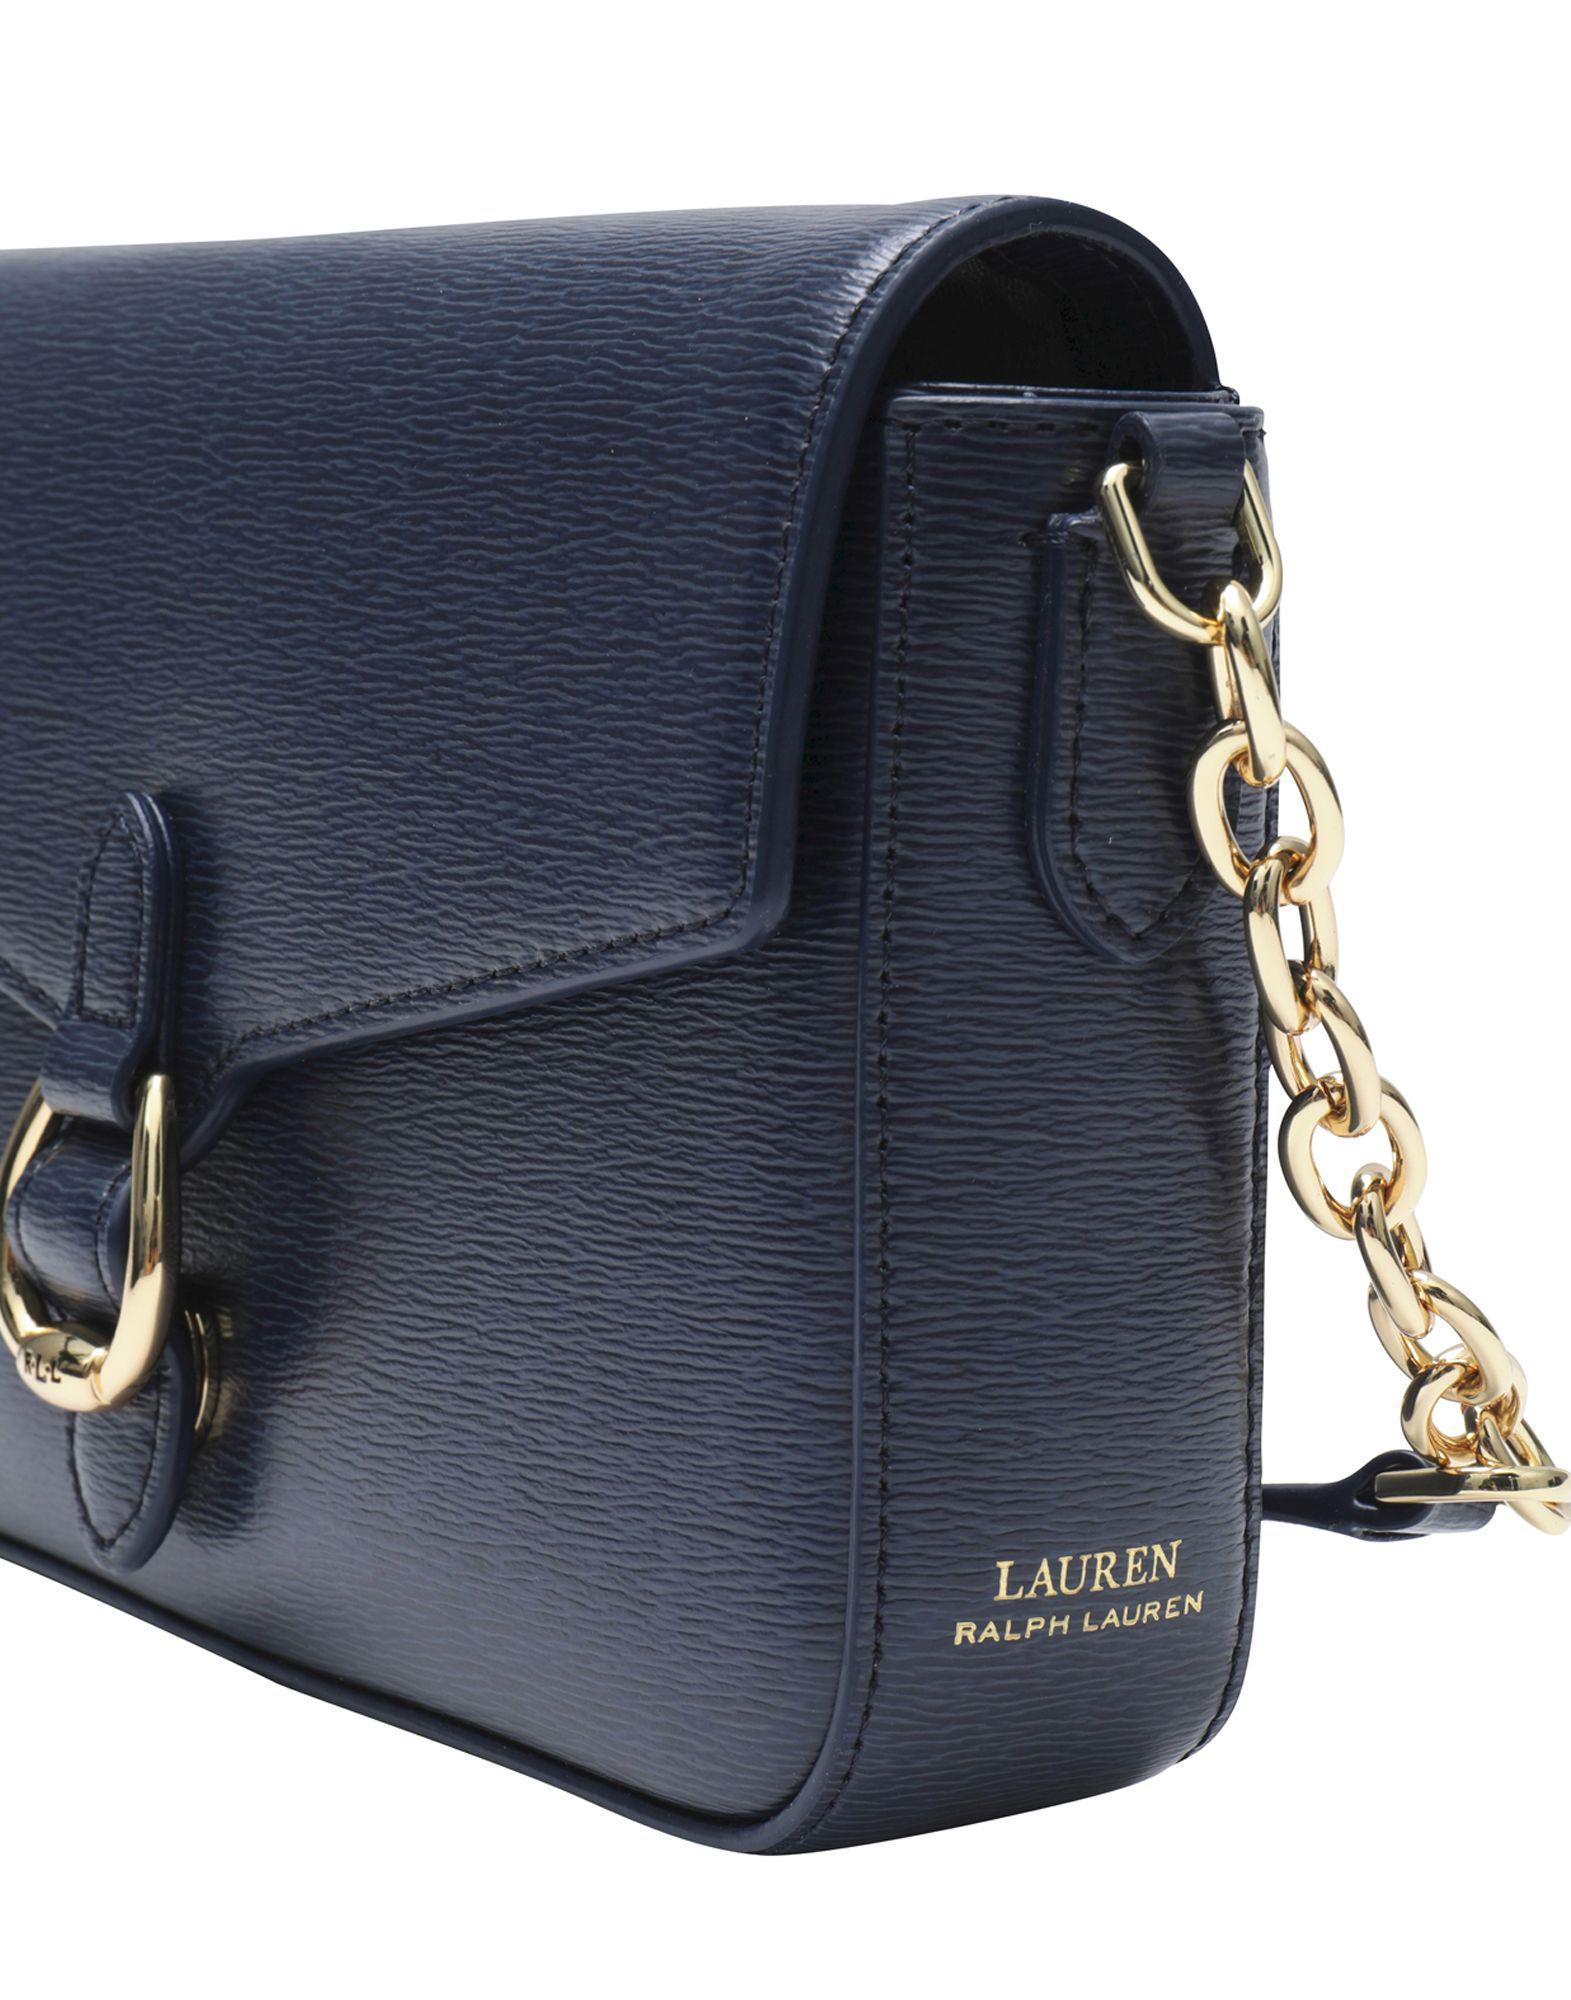 3ddd625e13 Sacs Bandoulière Lauren by Ralph Lauren en coloris Bleu - Lyst